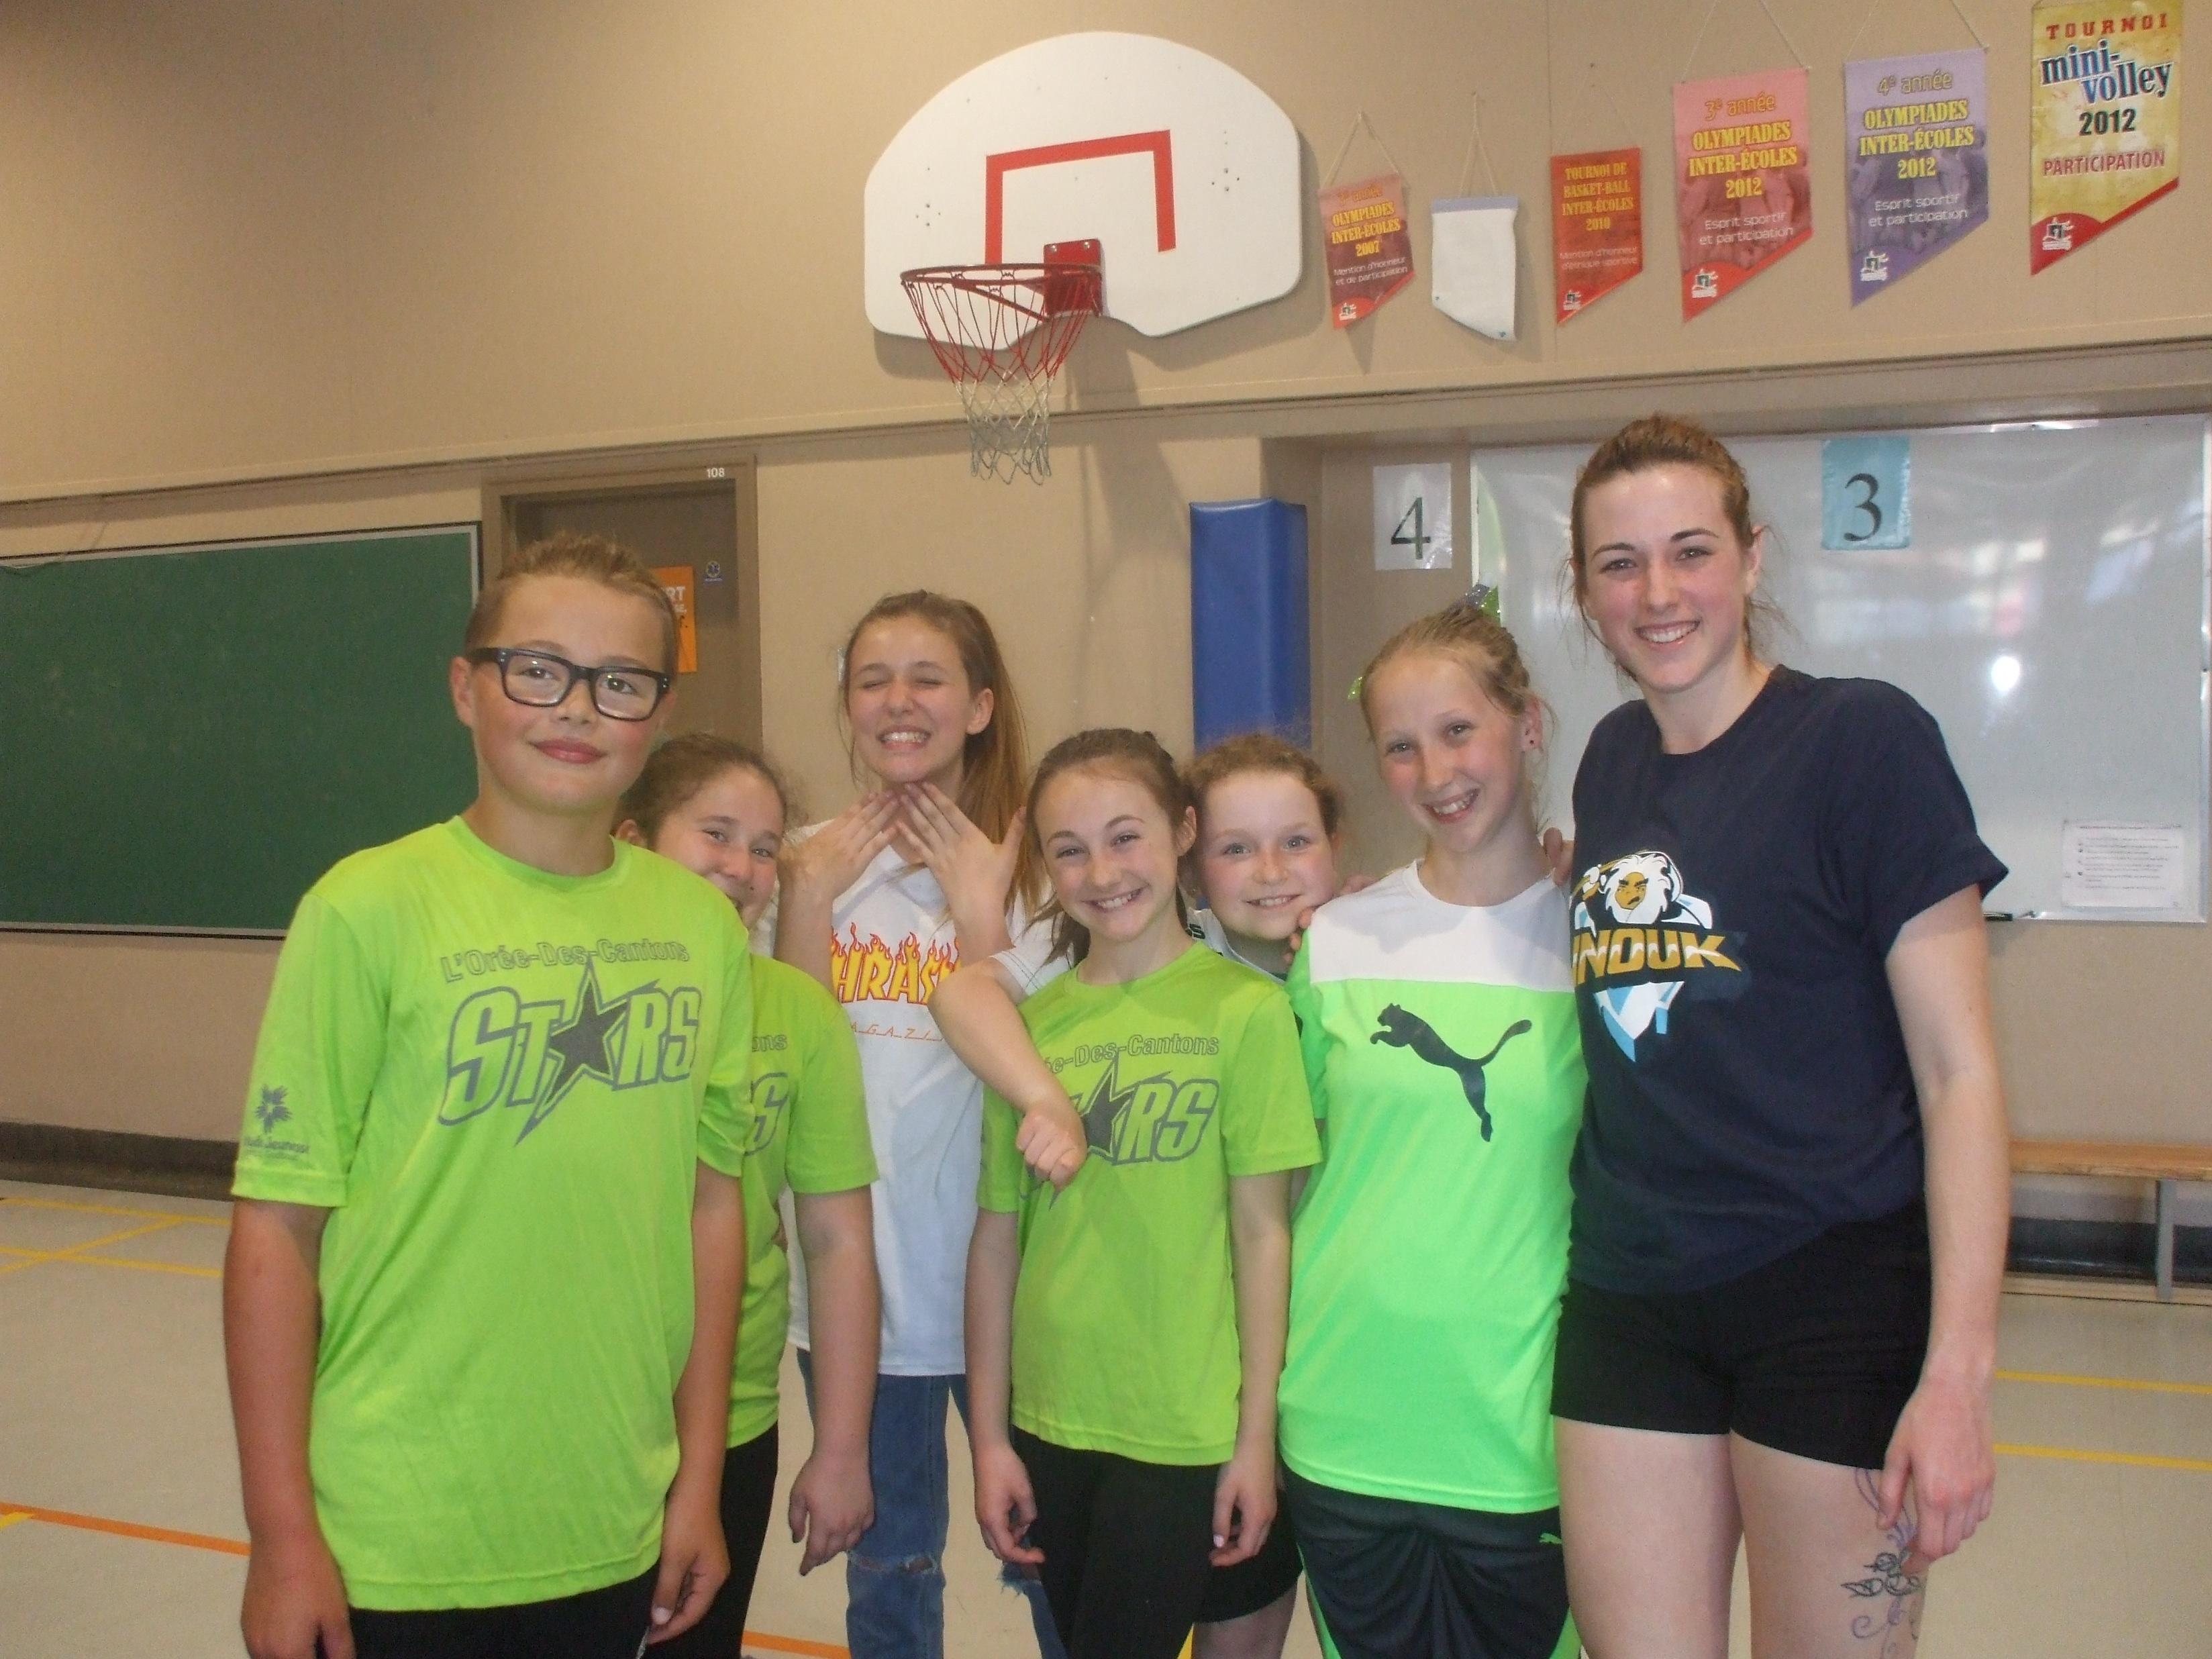 Visite des Inouk pour les Stars de notre école!